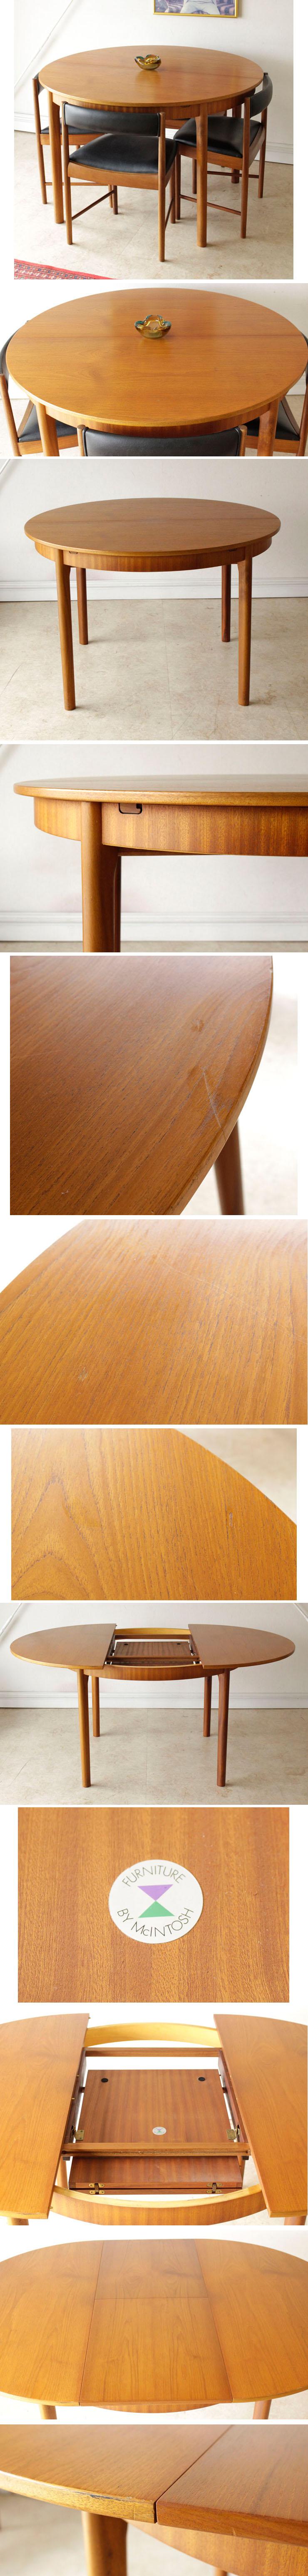 マッキントッシュ・ダイニングテーブル・チーク・エクステンション・ビンテージ・北欧・ミッドセンチュリー